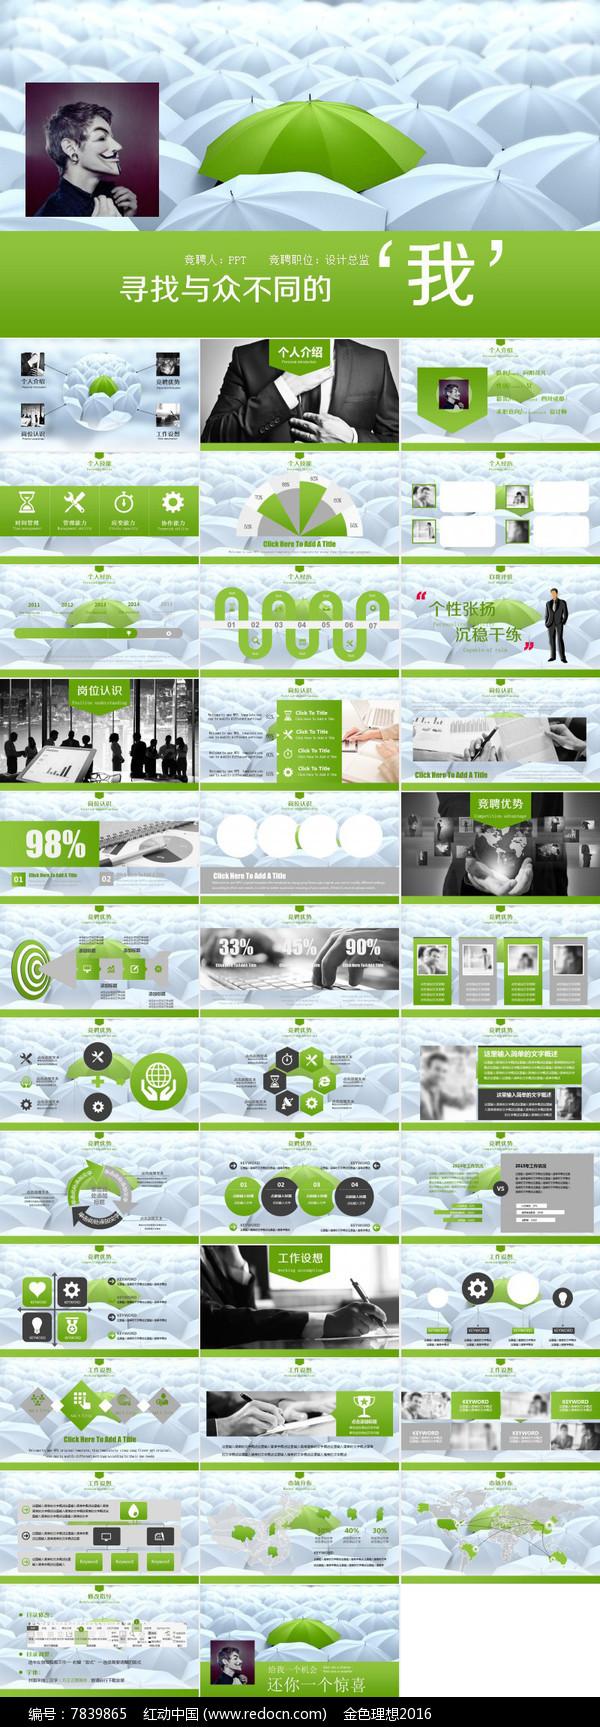 绿色清新求职简历PPT模板图片